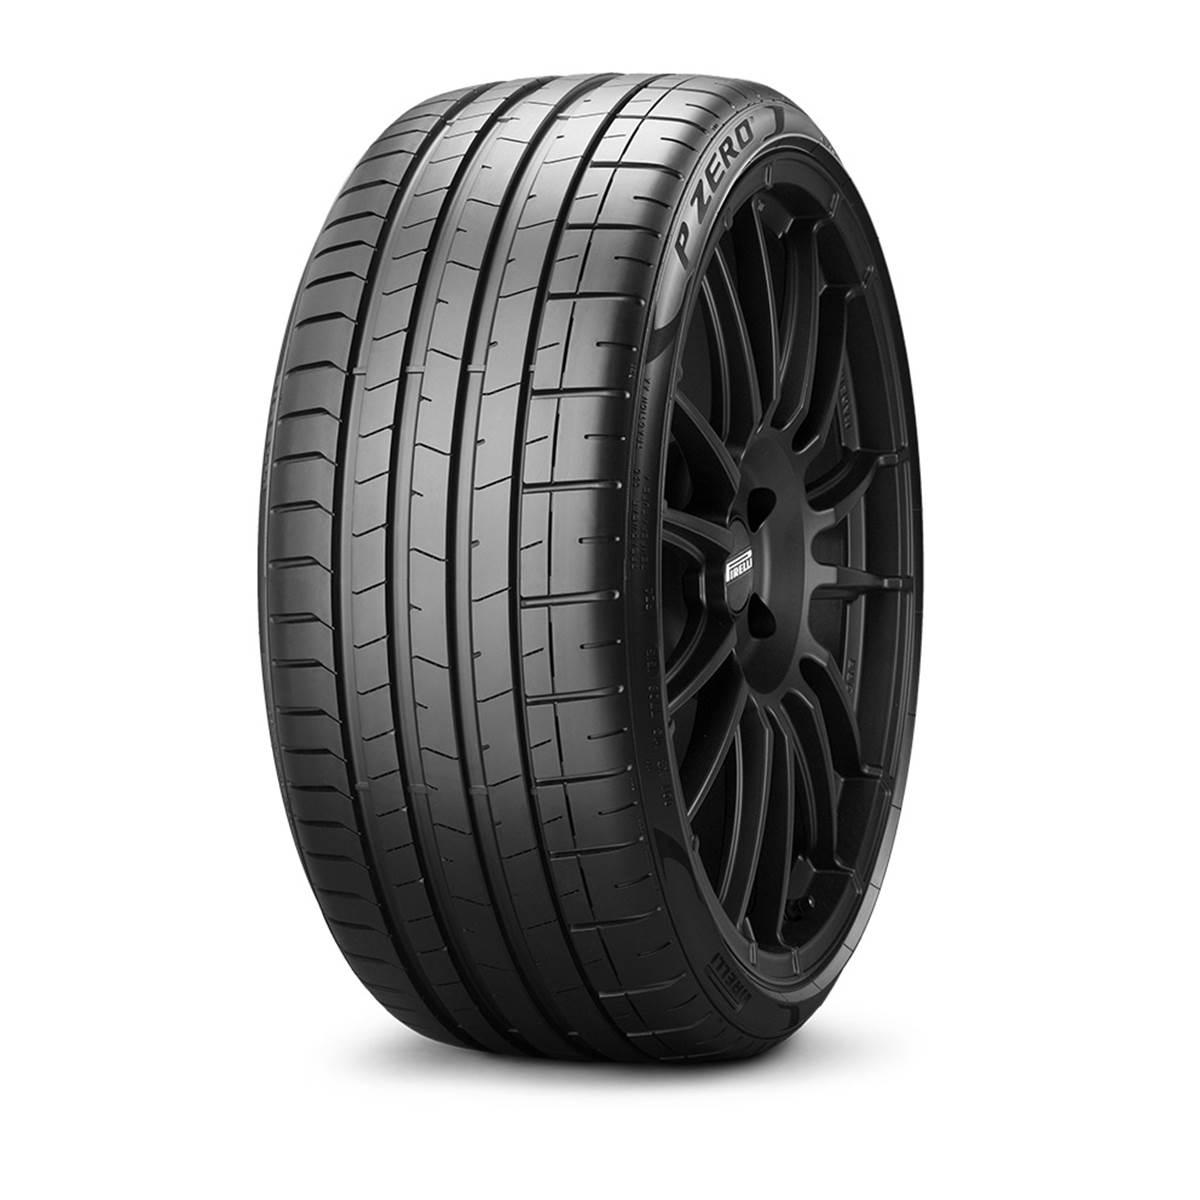 Pneu Pirelli 335/30R20 104Y Pzero